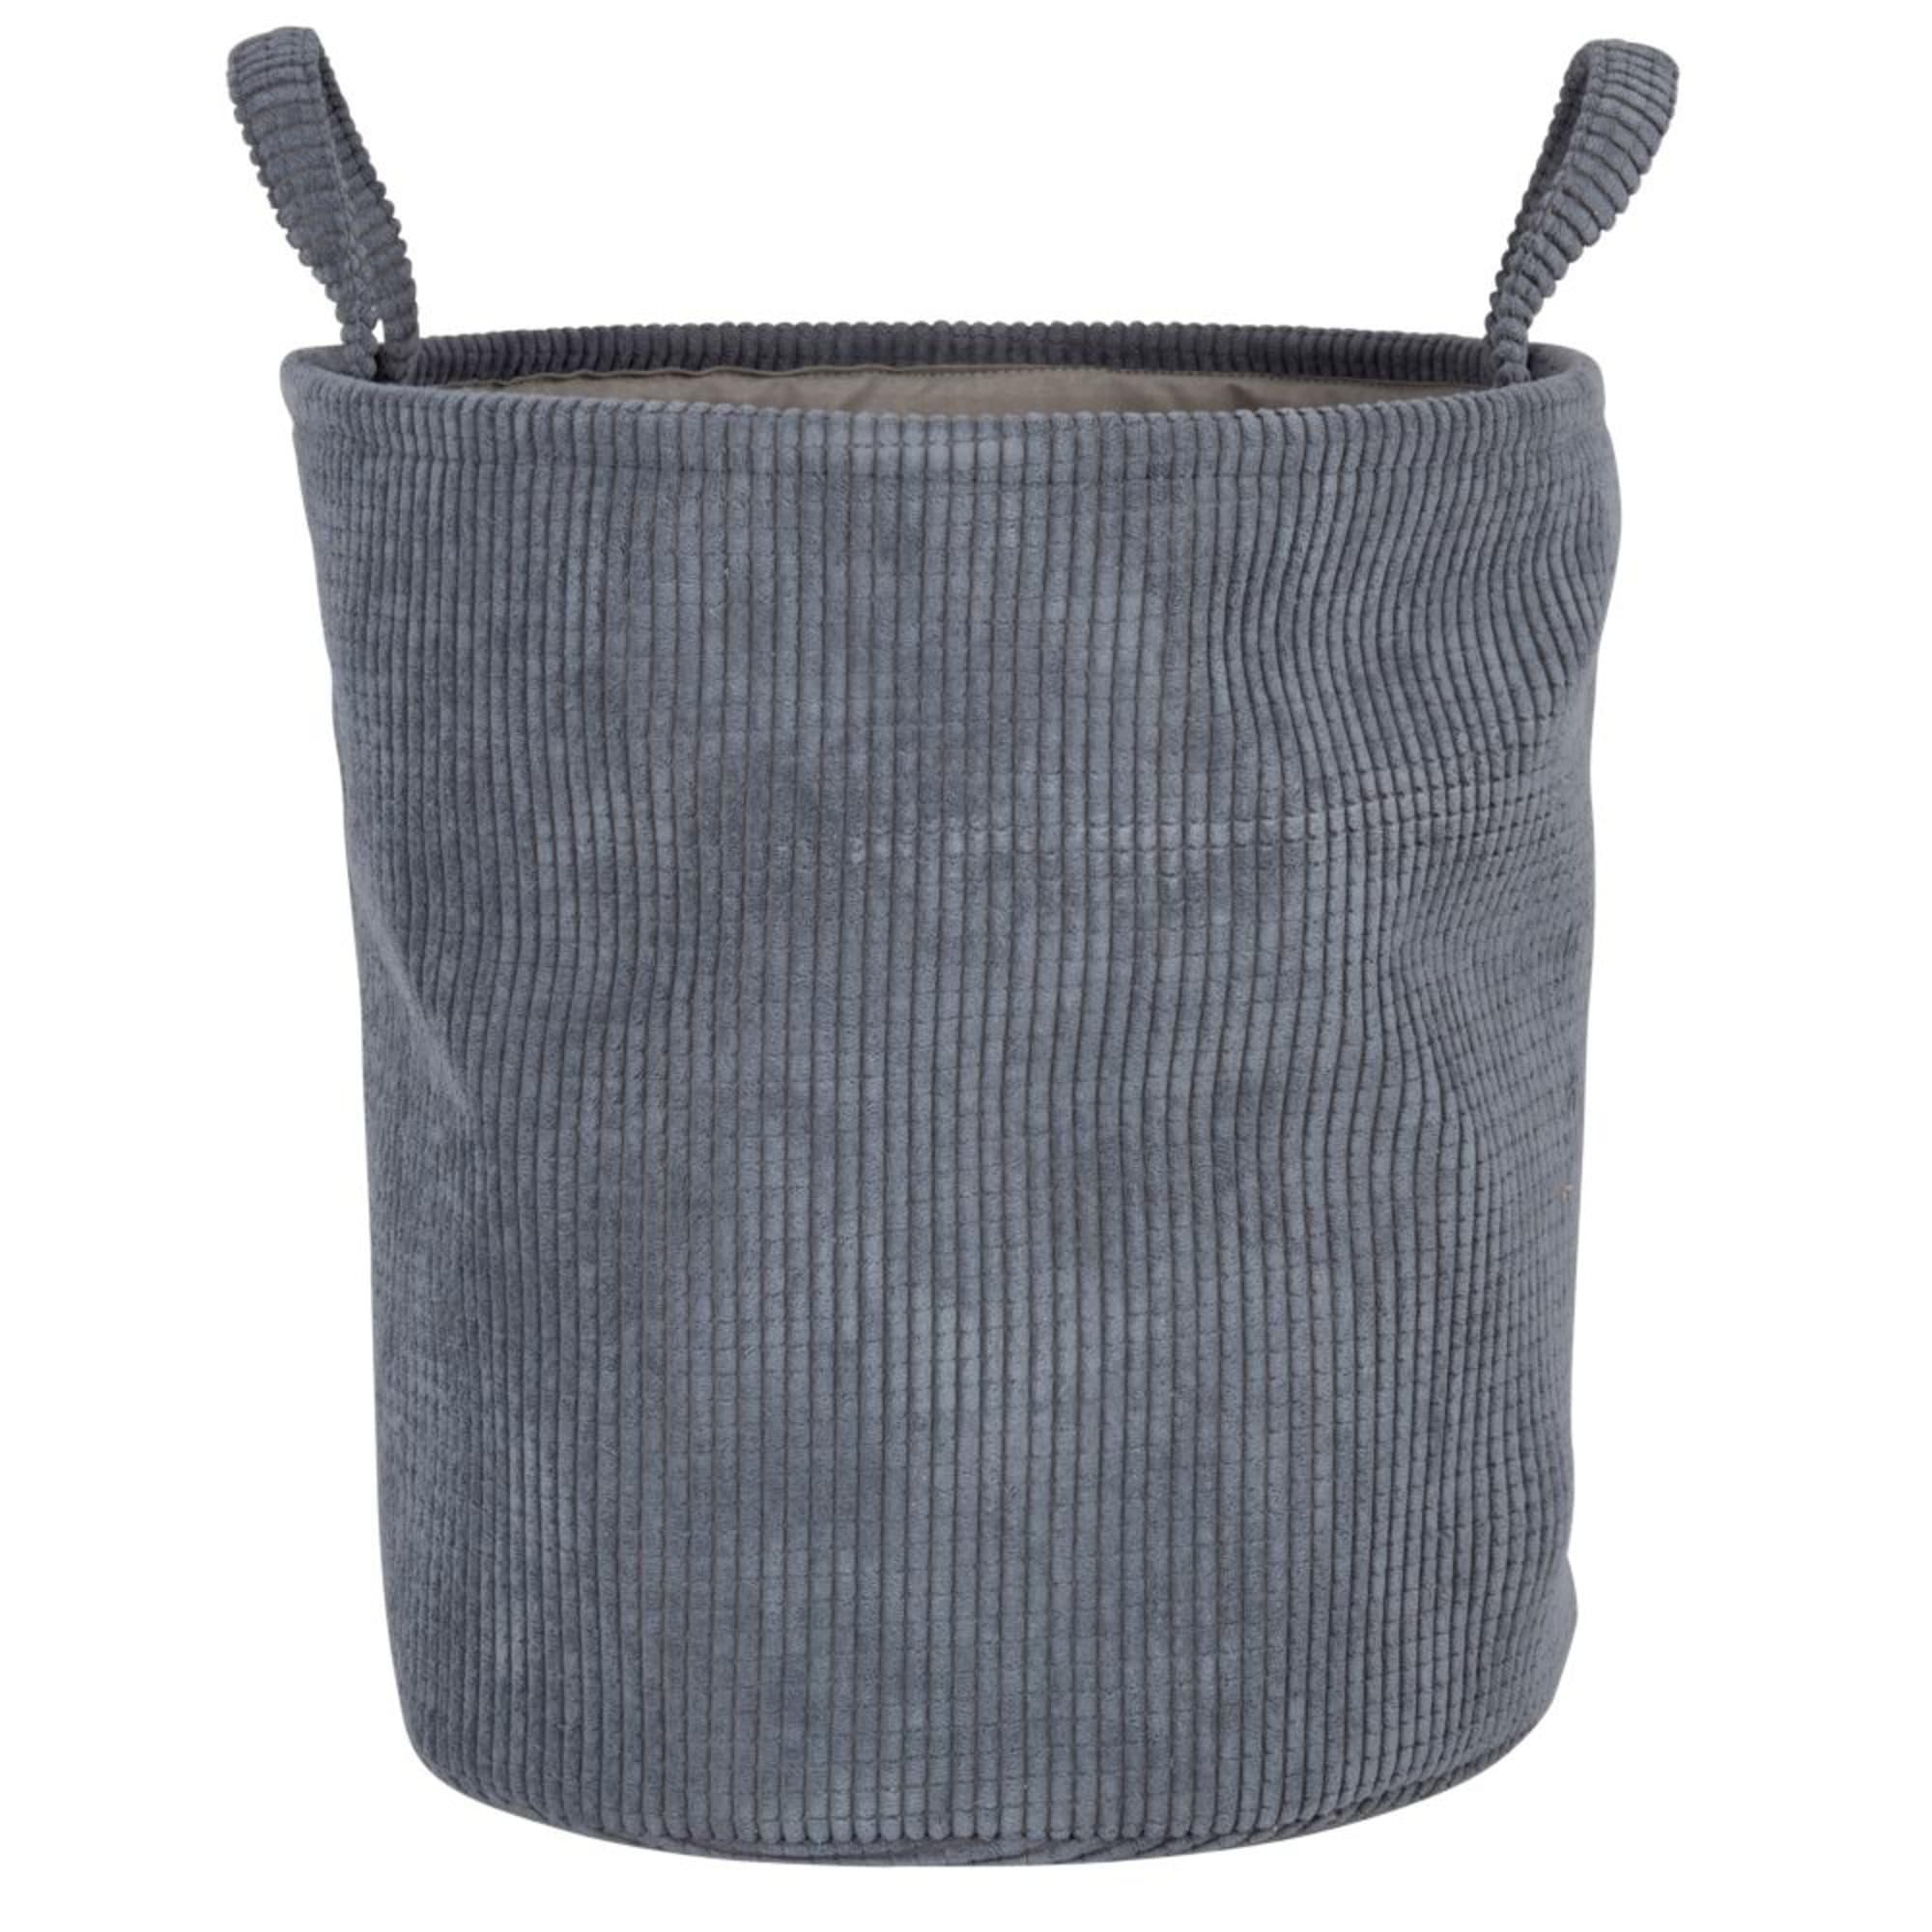 Cesta de almacenamiento de terciopelo color negro carbón